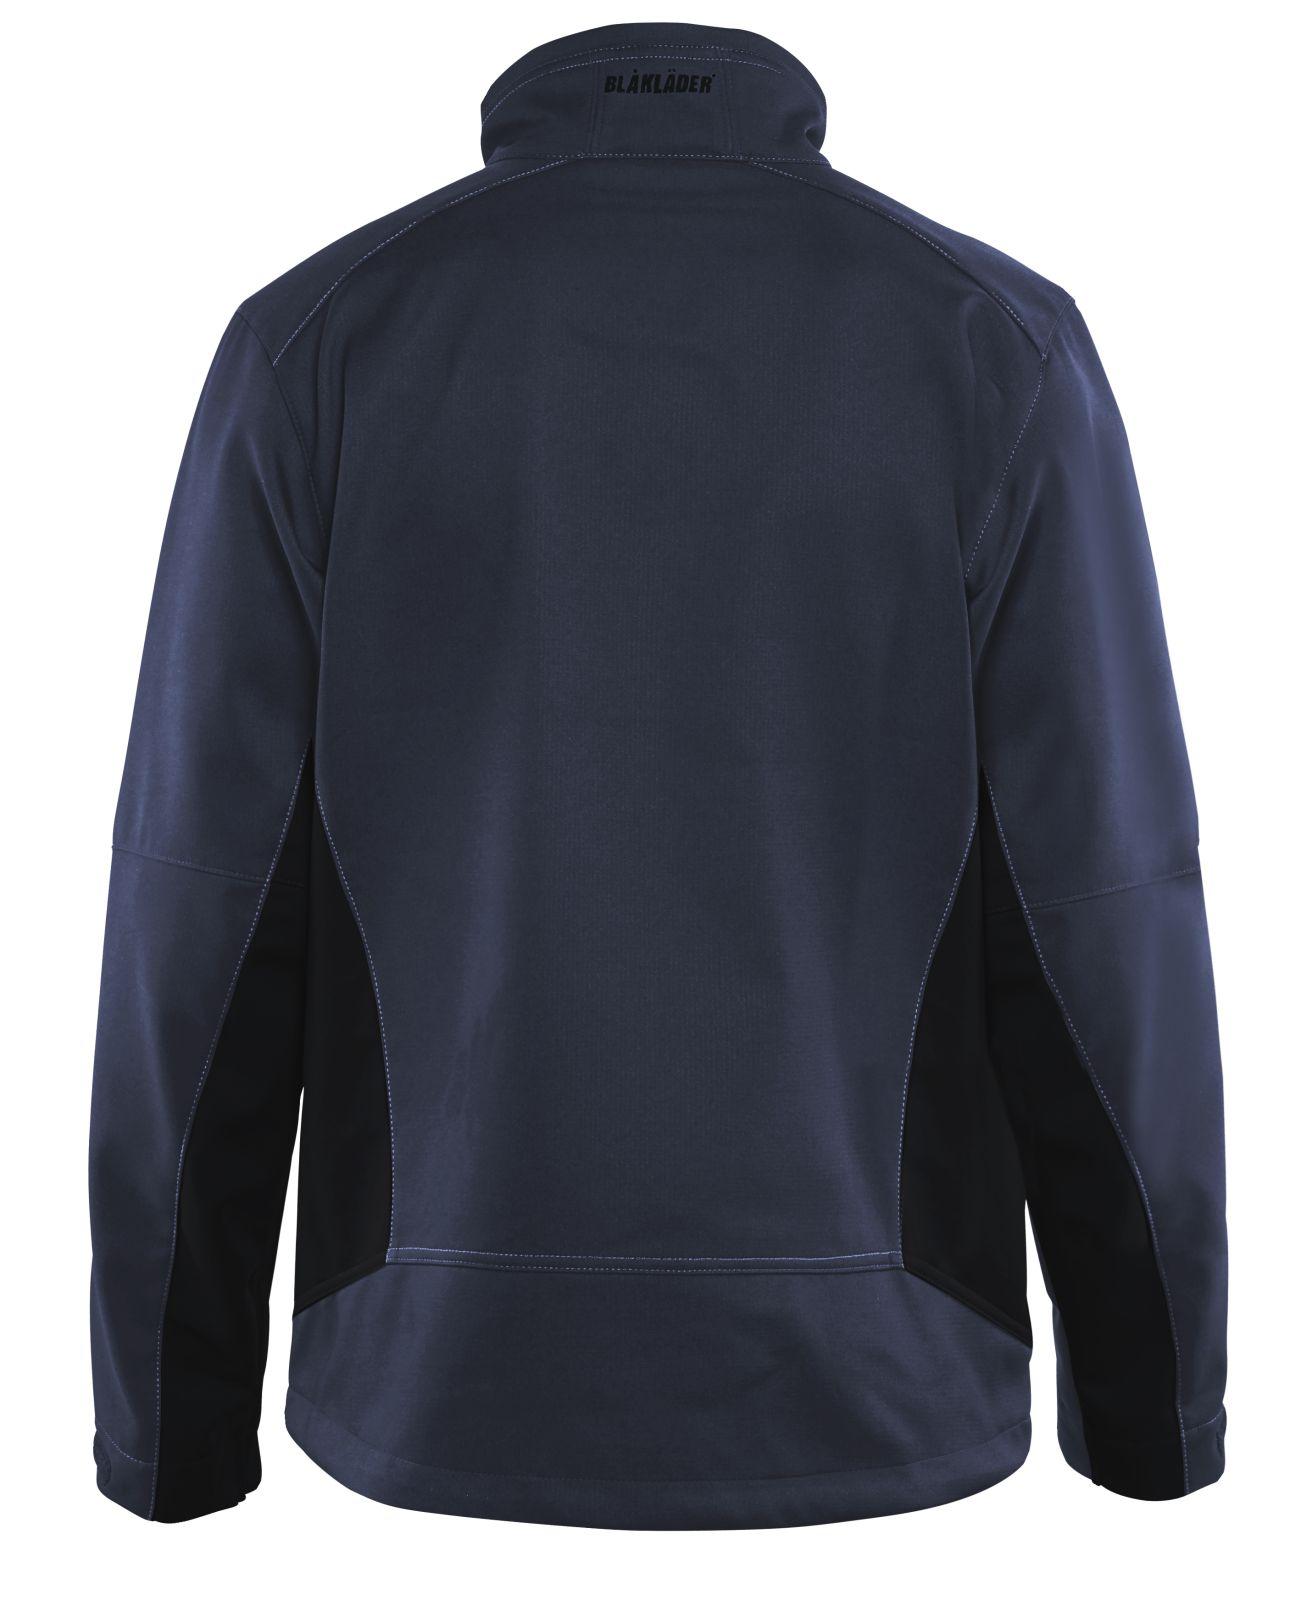 Blaklader Softshell jacks 49502516 donker marineblauw-zwart(8699)